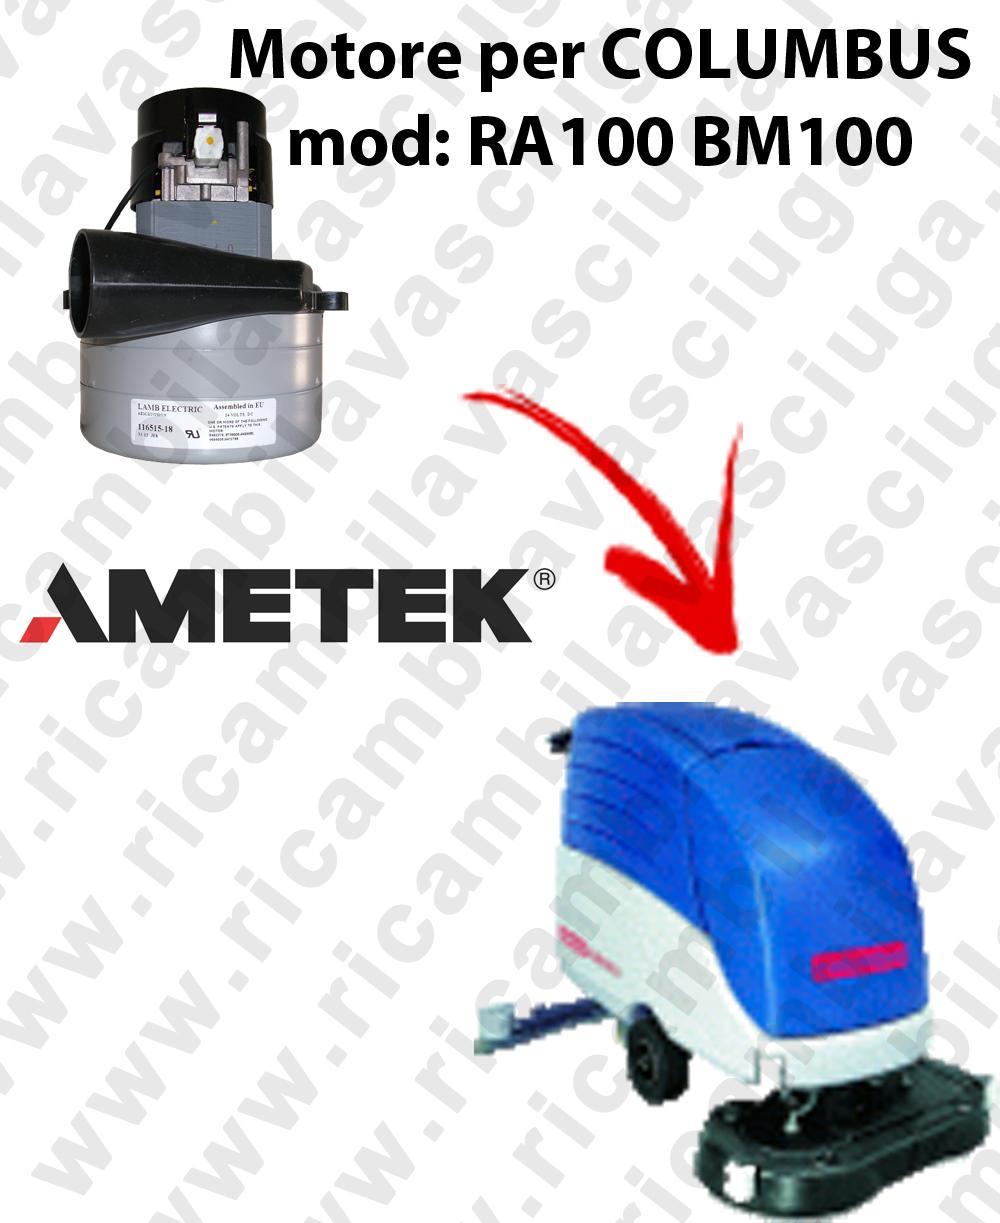 RA100 BM100 MOTORE LAMB AMETEK di aspirazione per lavapavimenti COLUMBUS